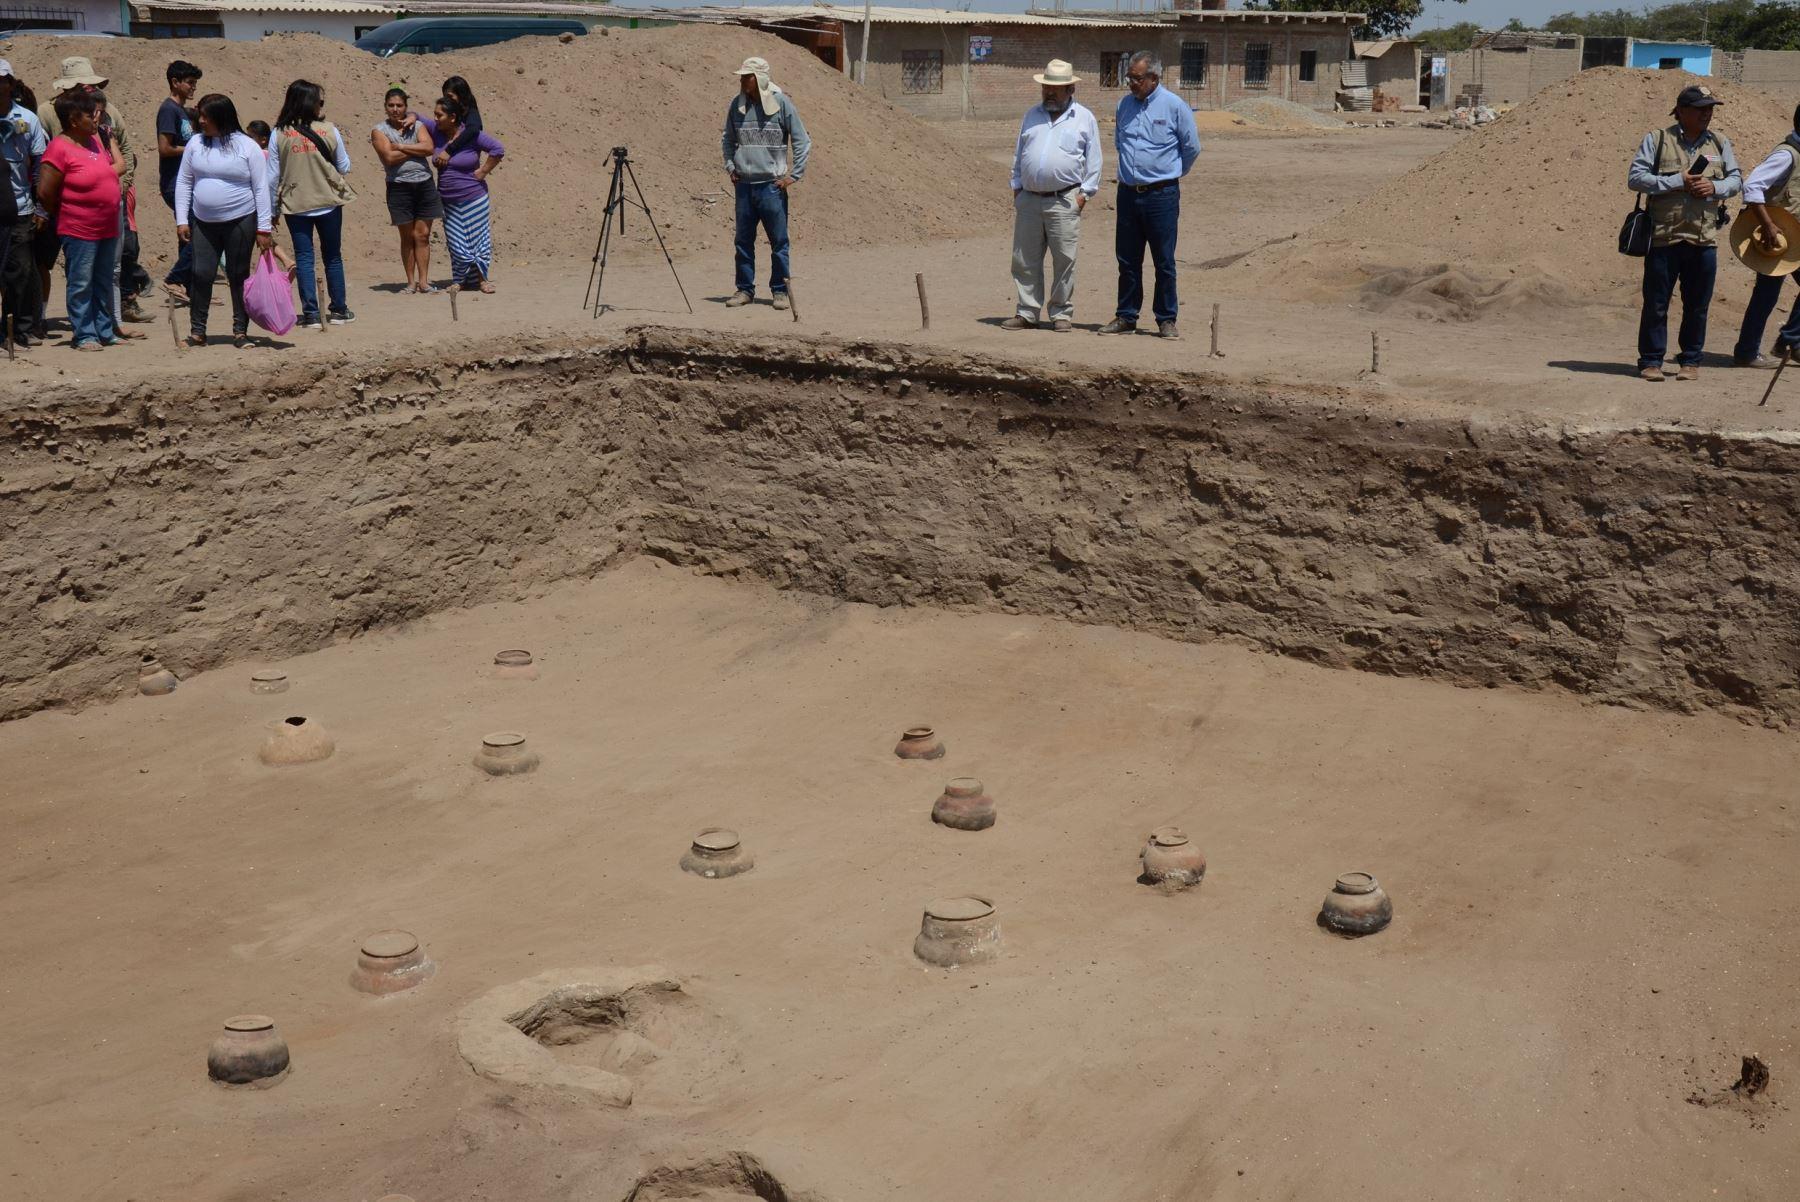 En el complejo arqueológico El Chorro, ubicado en el distrito chiclayano de Pomalca,se descubrió un cementerio con un área para banquetes conmemorativos a los muertos.